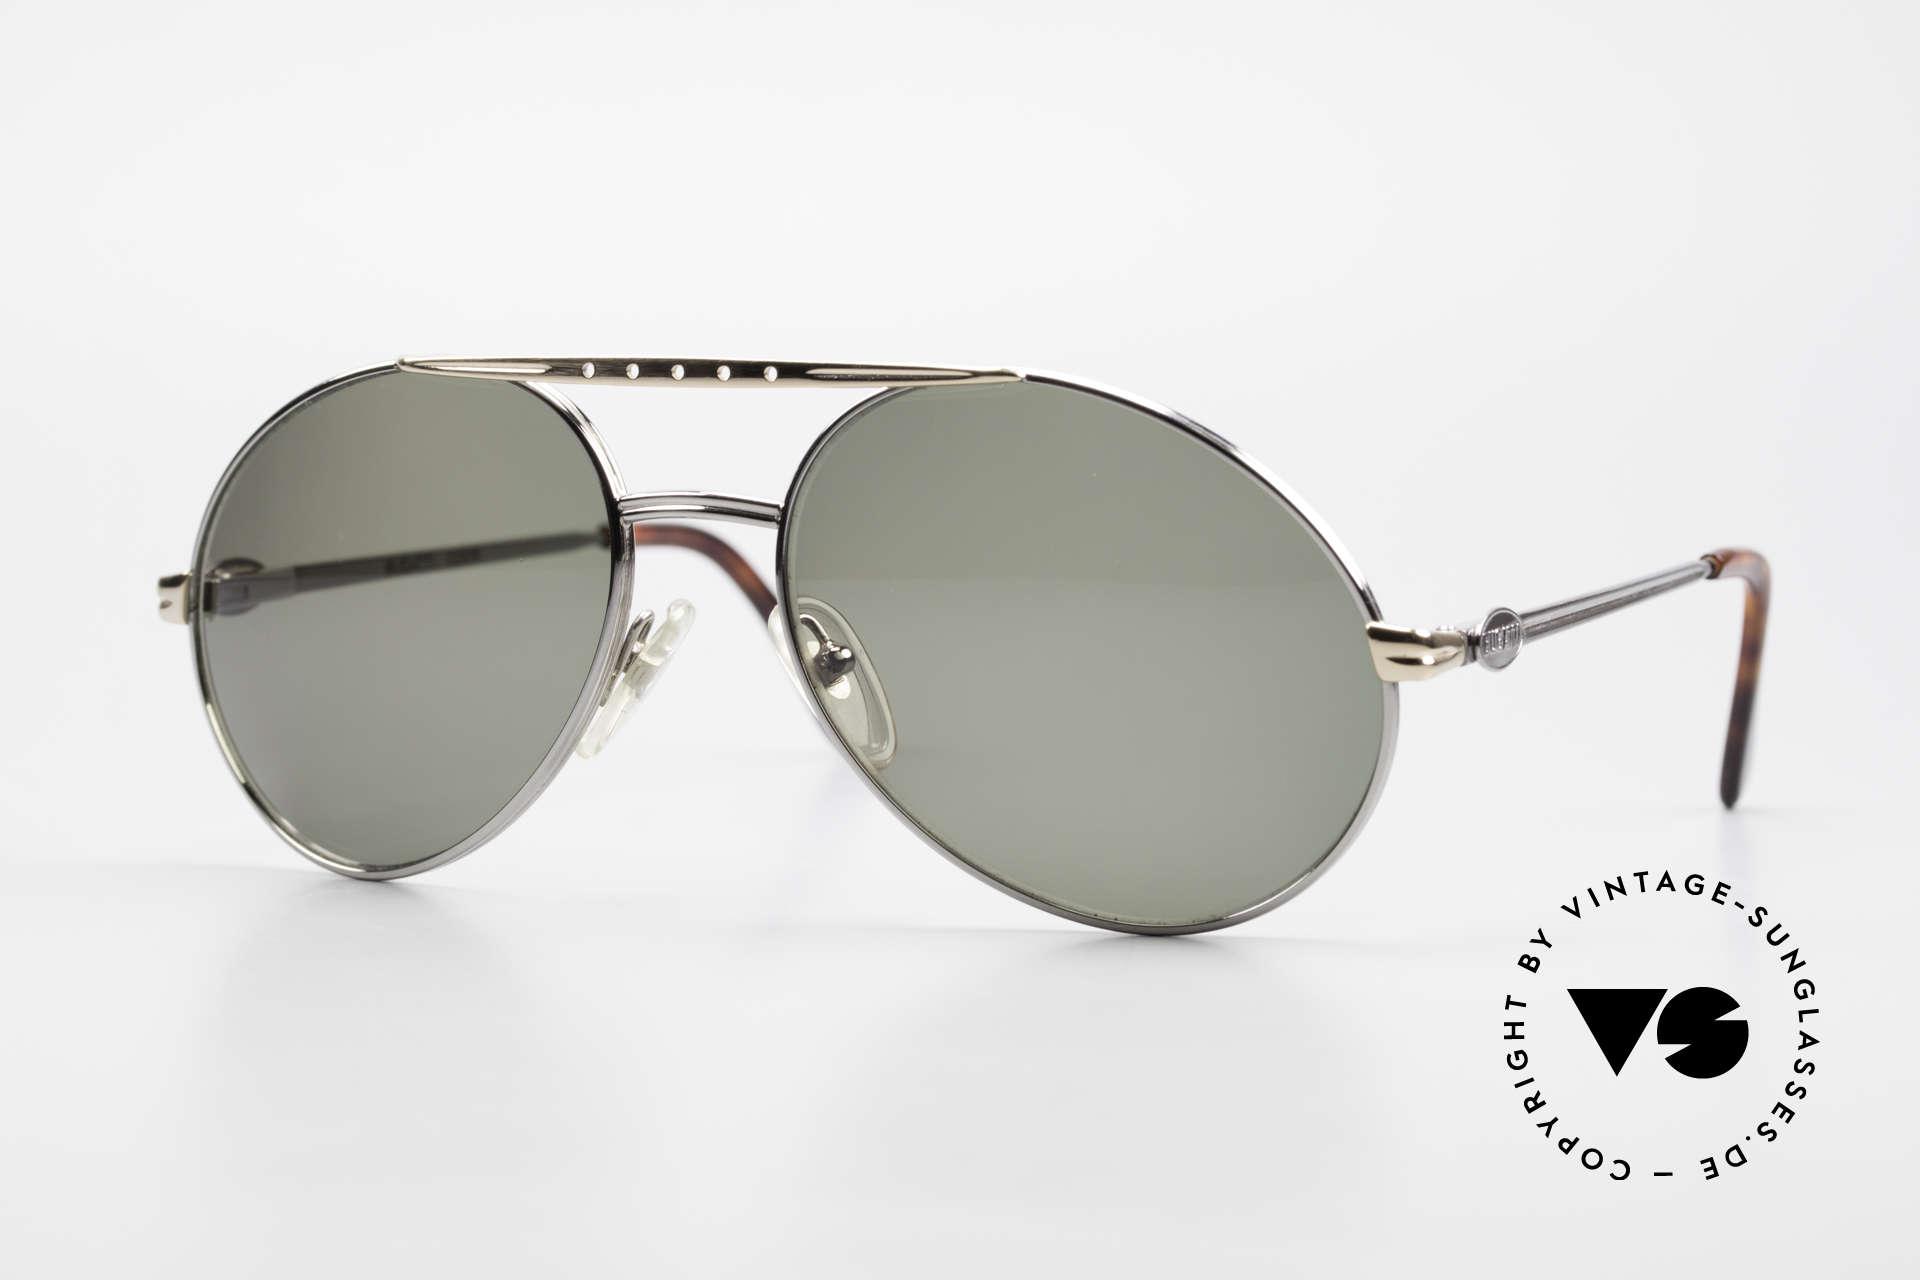 Bugatti 02926 80er Large Sonnenbrille Herren, sehr elegante Bugatti vintage Designer-Sonnenbrille, Passend für Herren